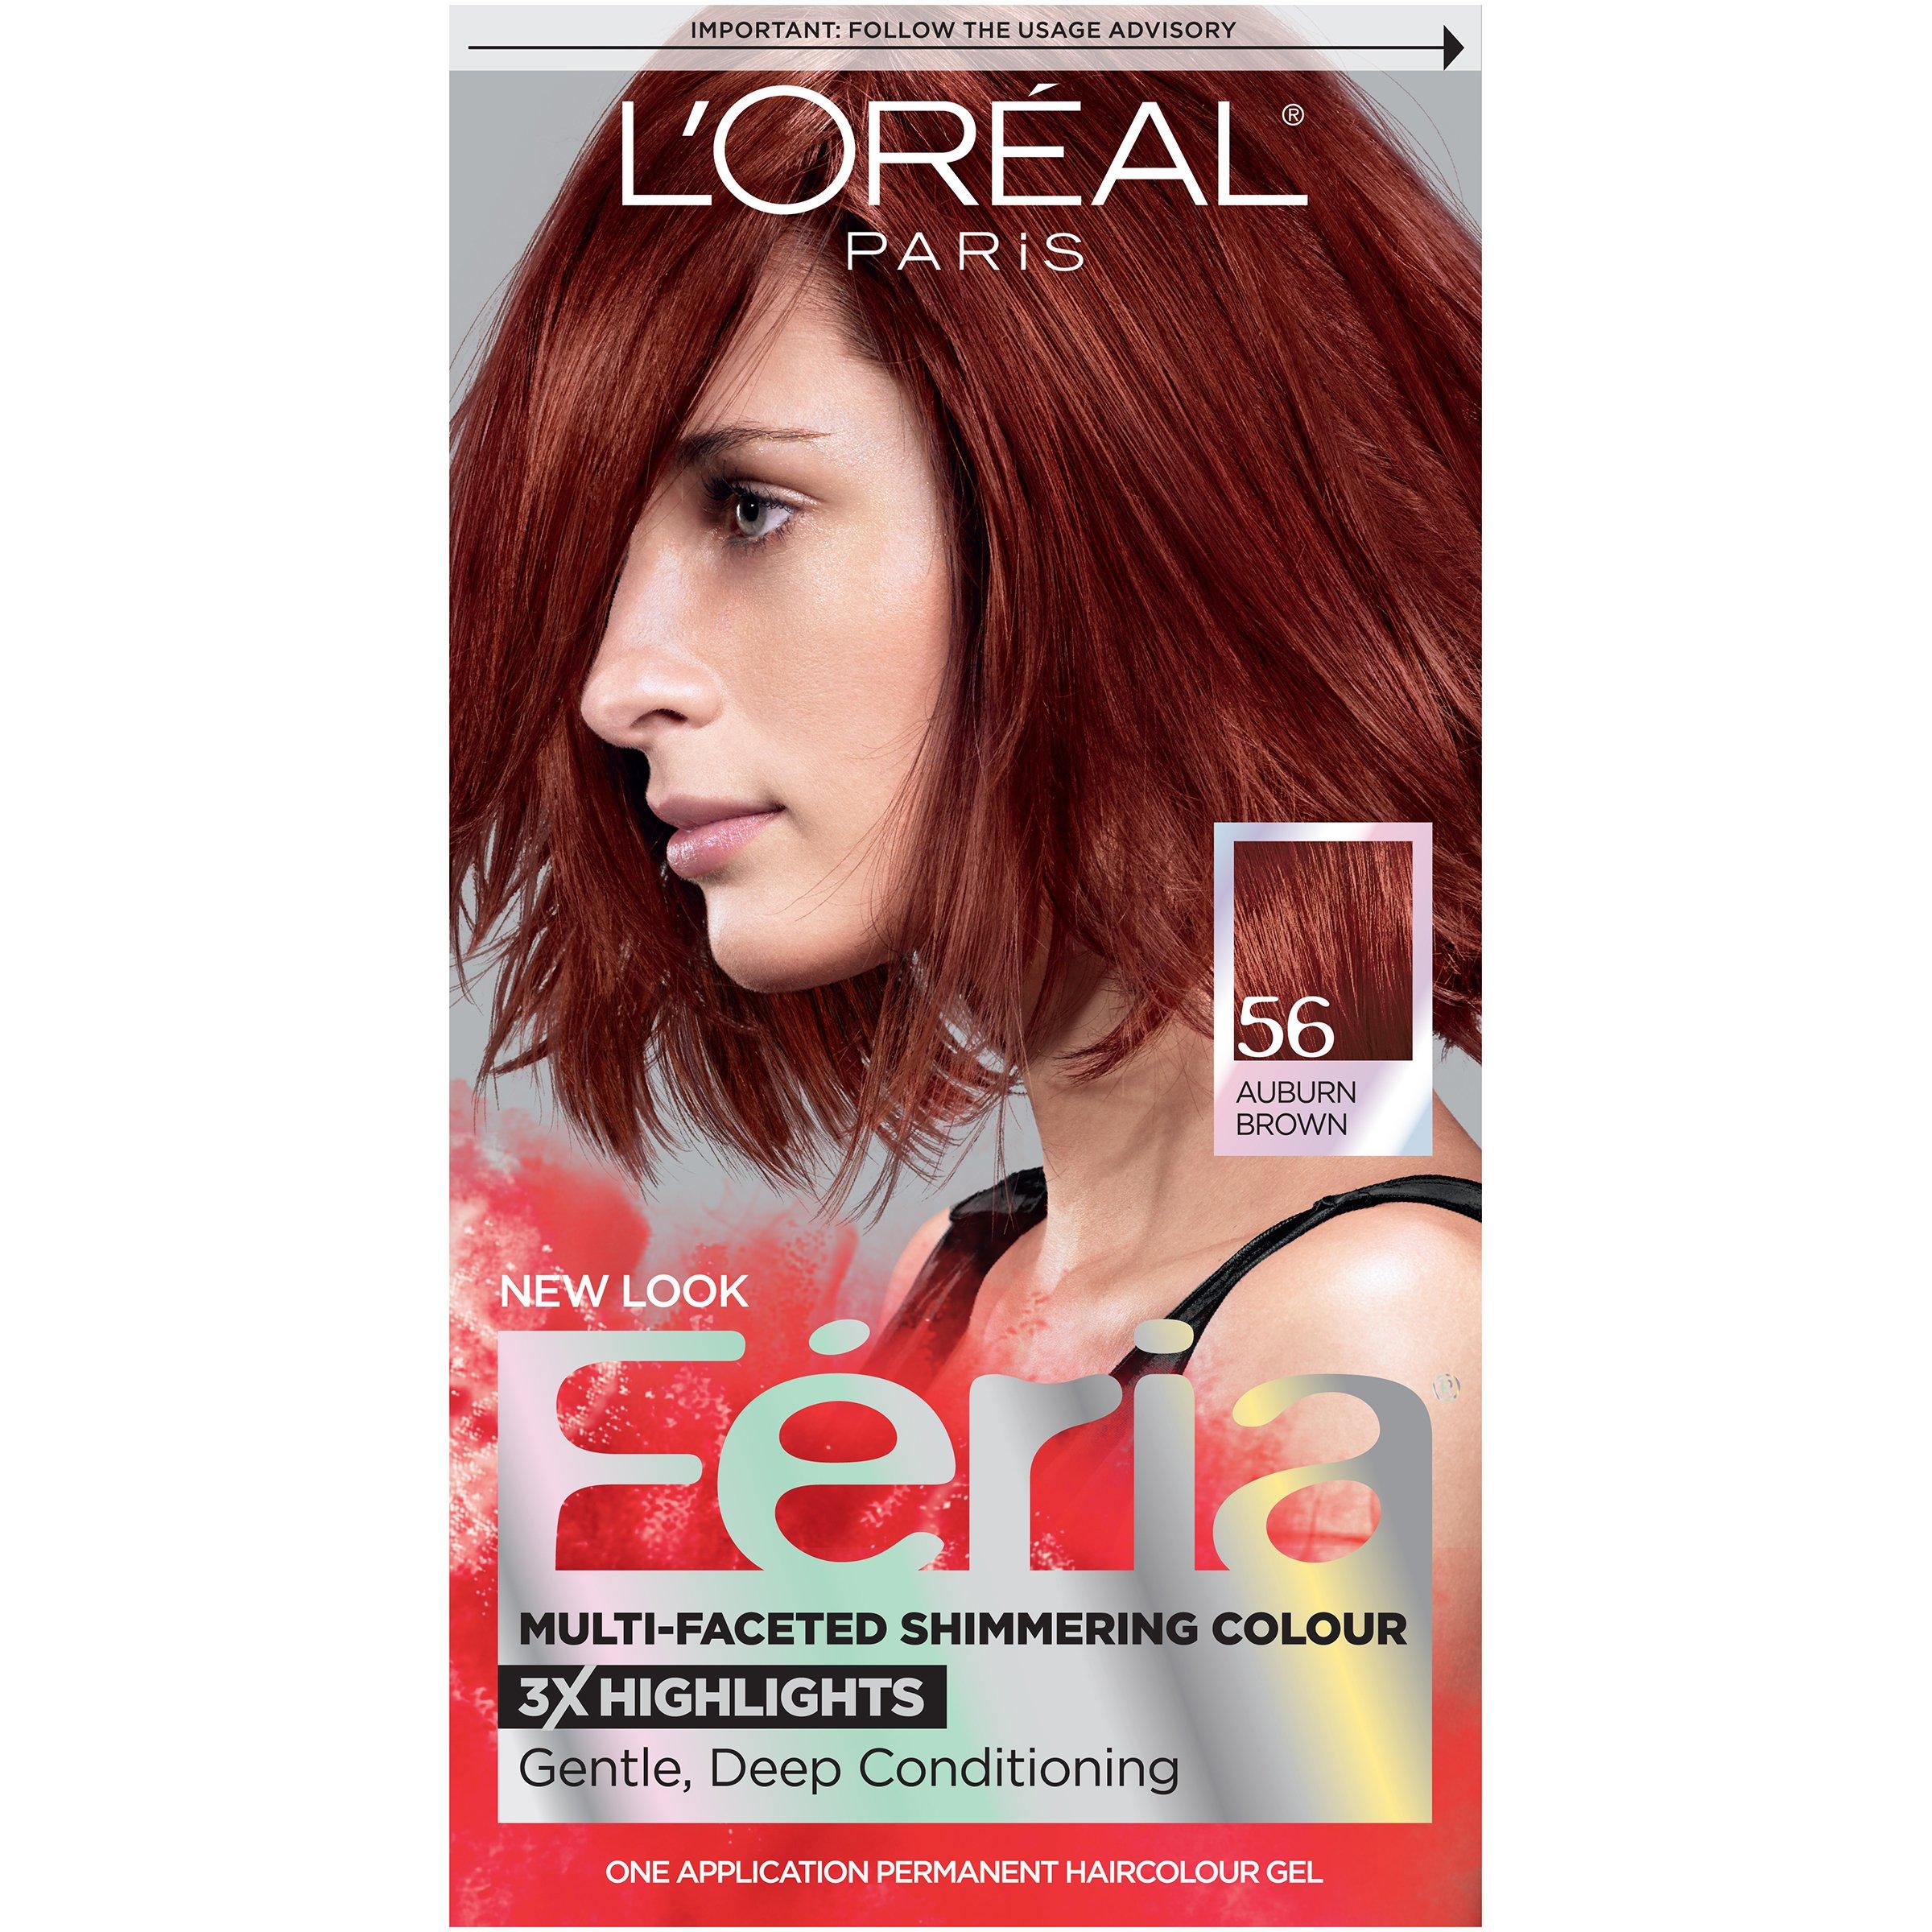 L'Oréal Paris Feria Permanent Hair Color, 56 Brilliant Bordeaux (Auburn Brown)